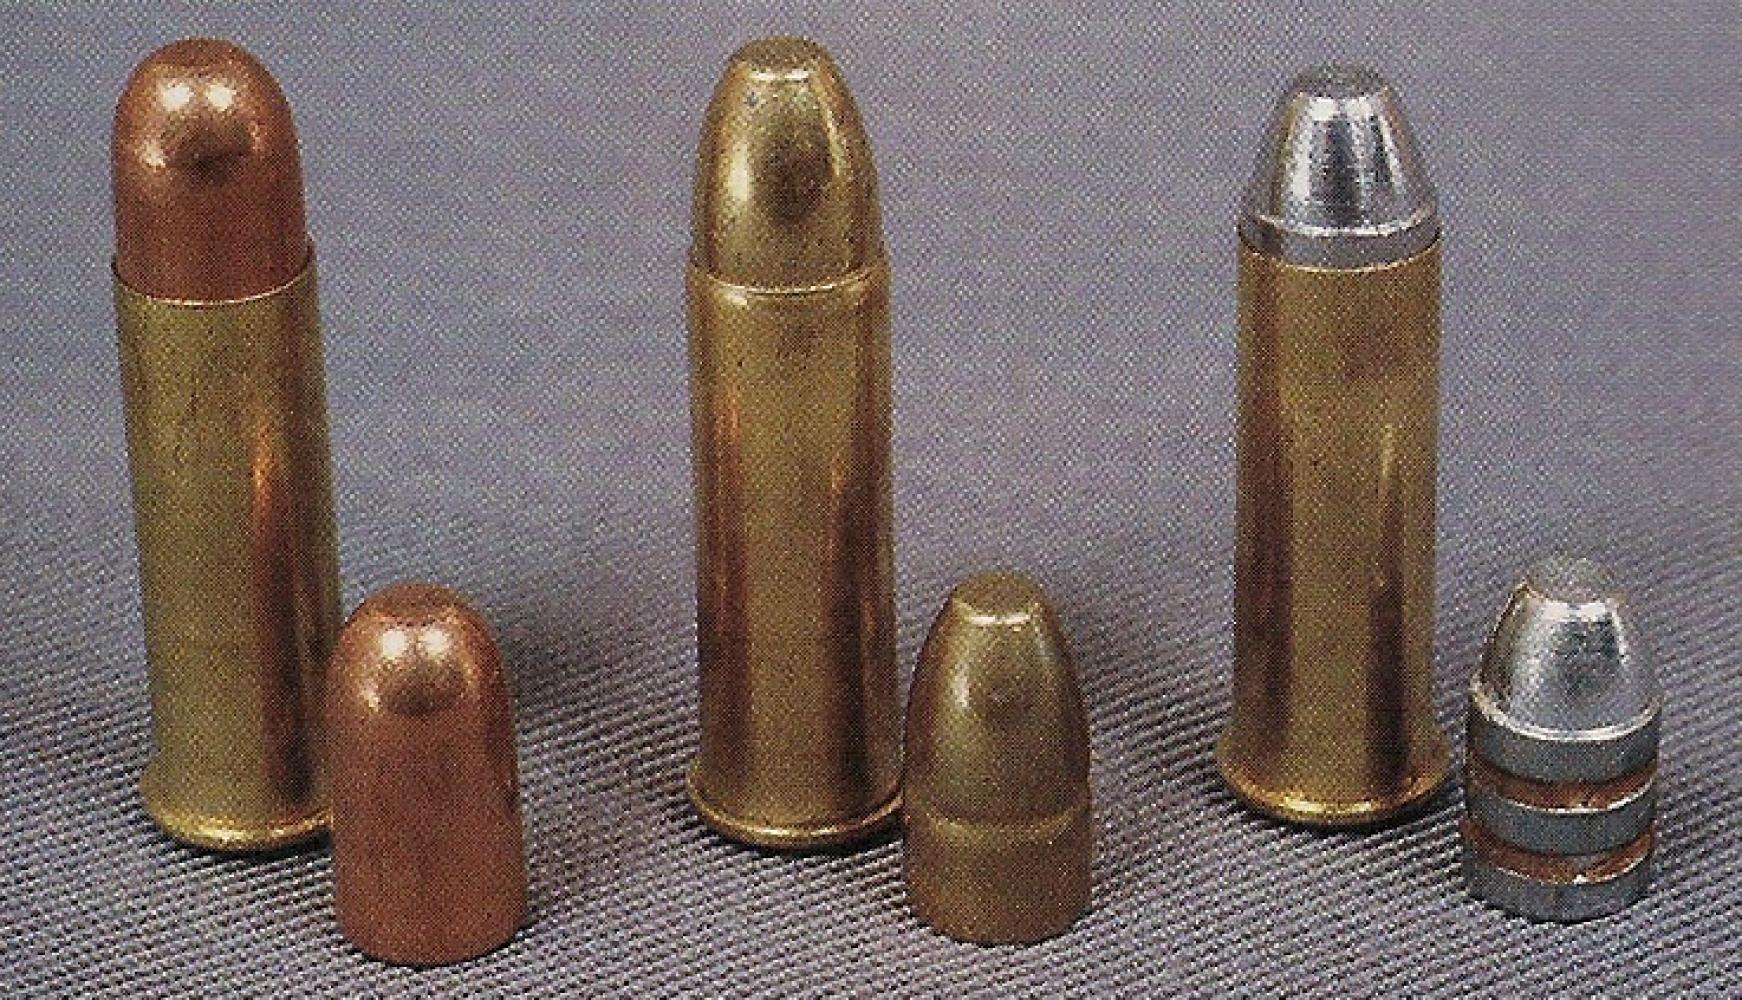 Les différents projectiles utilisés pour nos rechargements, de gauche à droite : balle blindée Gévelot de 122 grains, dont la forme est très proche de celle des munitions réglementaires d'époque ; balle blindée Fiocchi de 110 grains ; balle en plomb coulé et graissé de 105 grains.